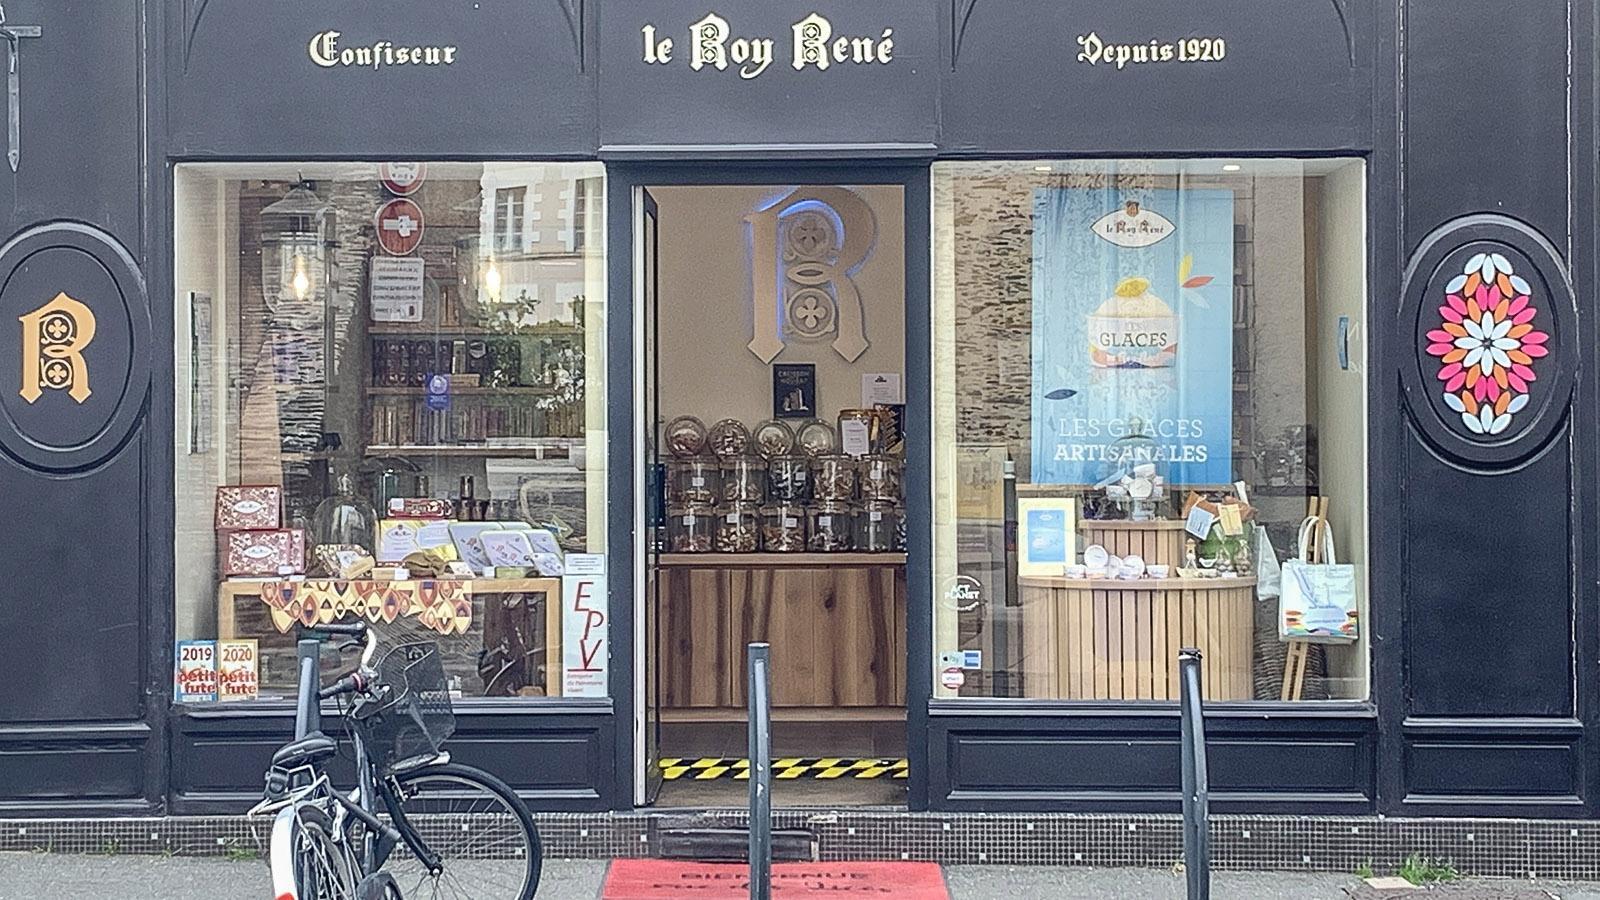 Die Confiserie du Roy René ist eine Institution in Angers. Foto: Hilke Maunder